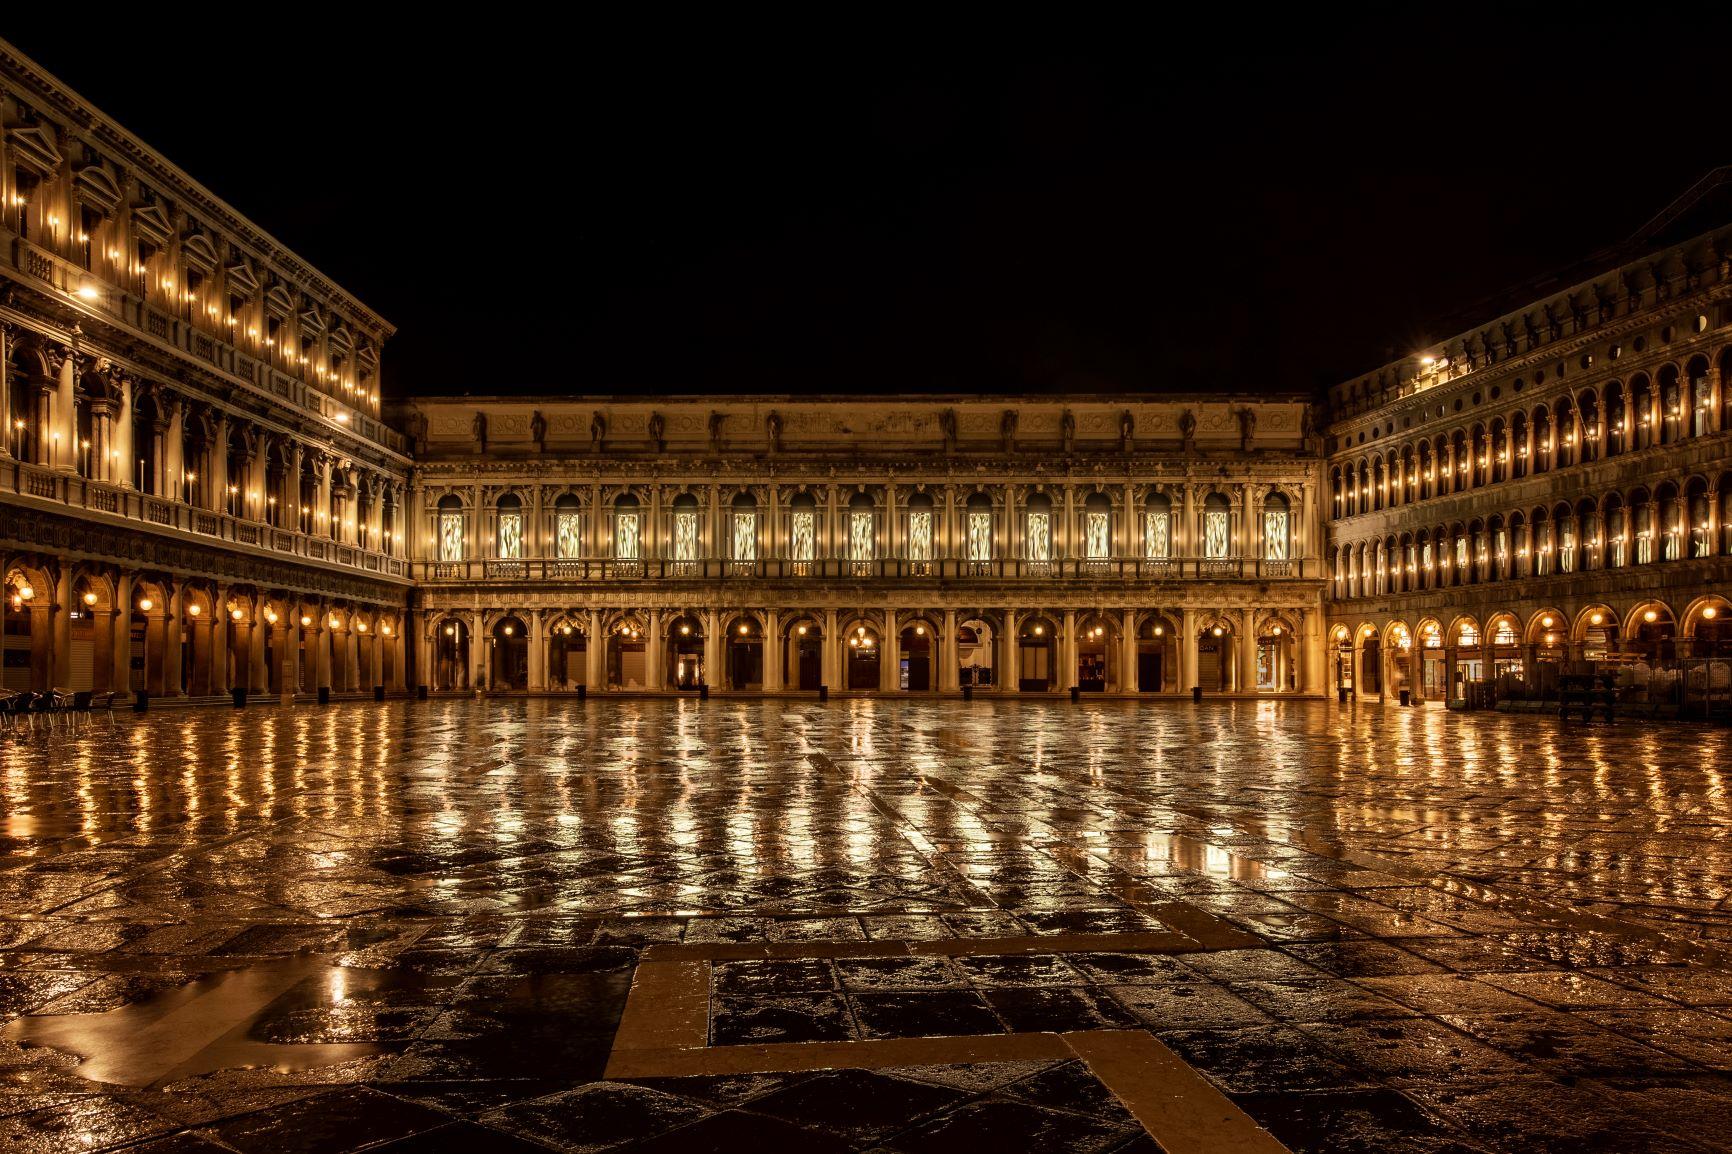 L'oro di Bisanzio scorre in Piazza San Marco. L'opera omaggio di Fabrizio Plessi a Venezia